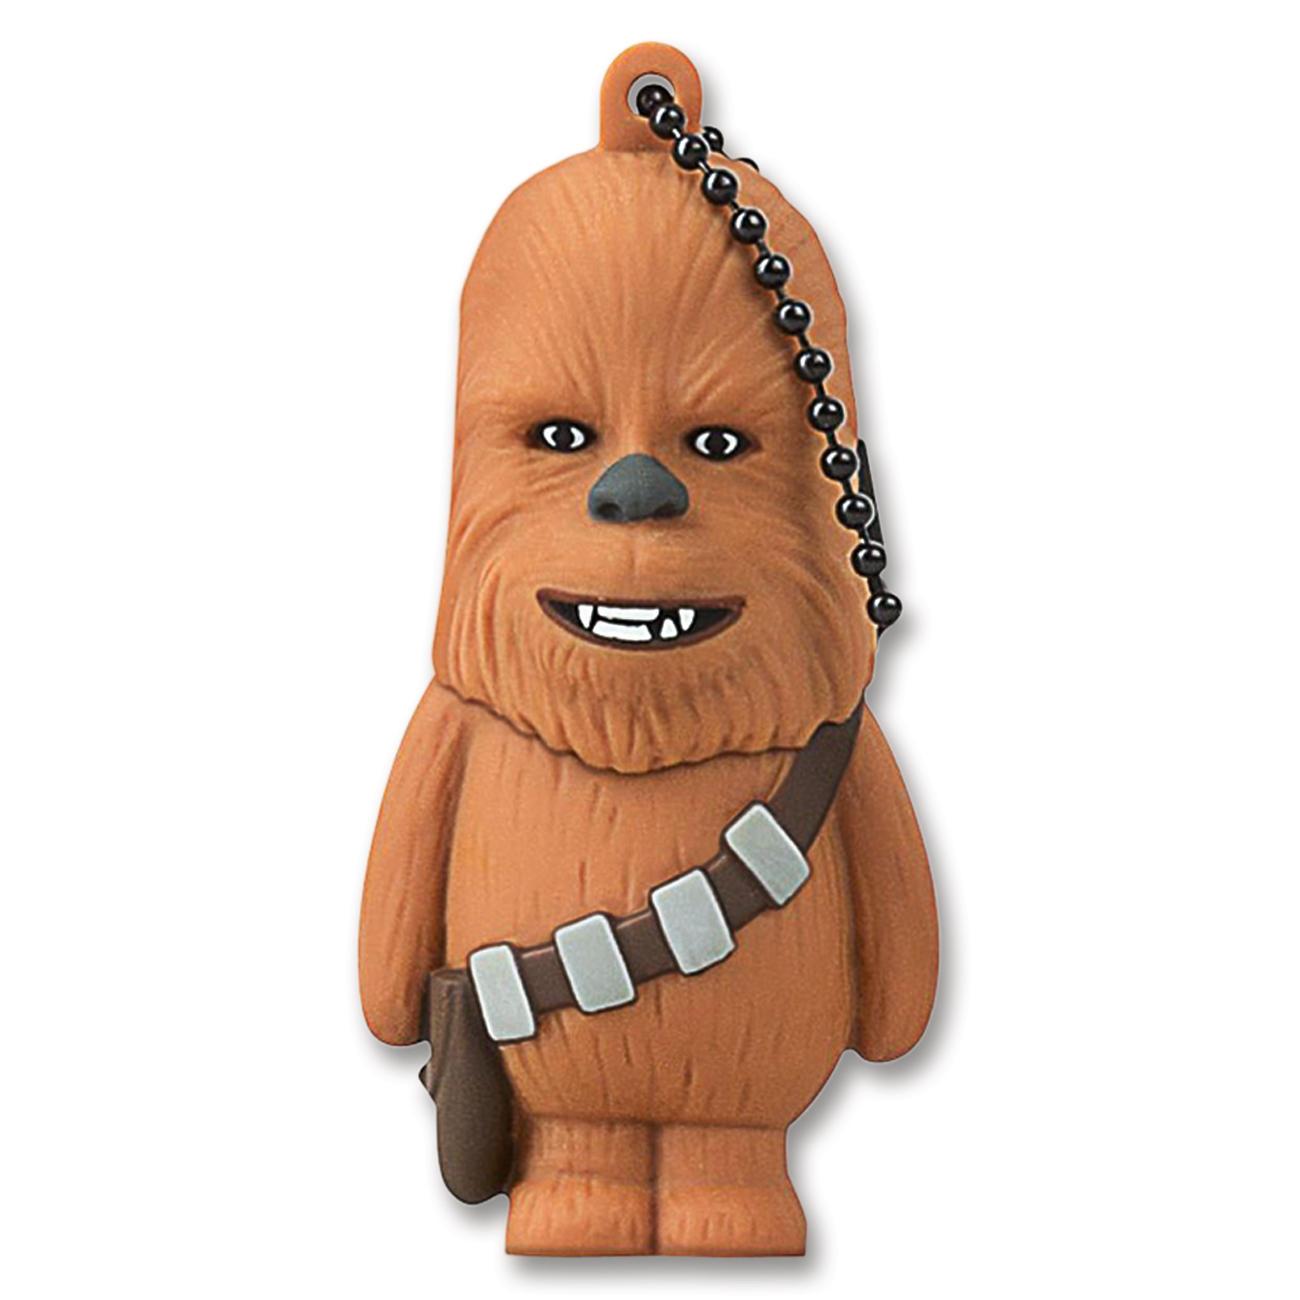 Star Wars USB-Stick, 8 GB, Chewbacca